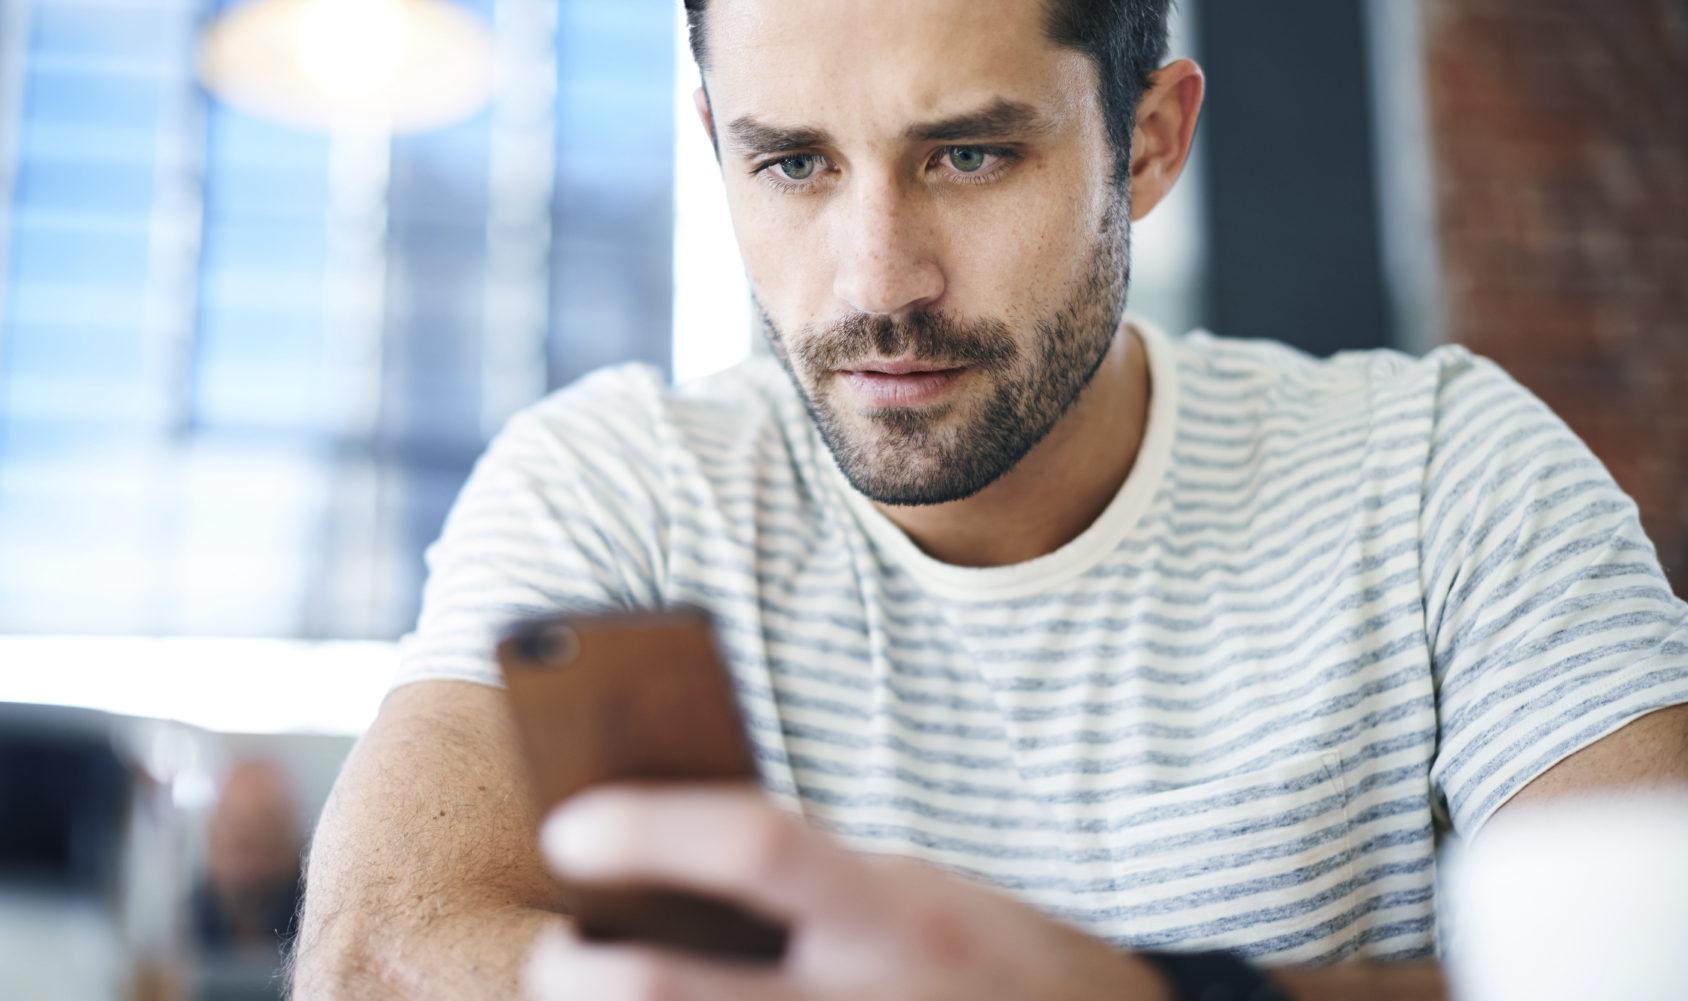 καλύτερο γκέι σεξ εφαρμογές iPhone